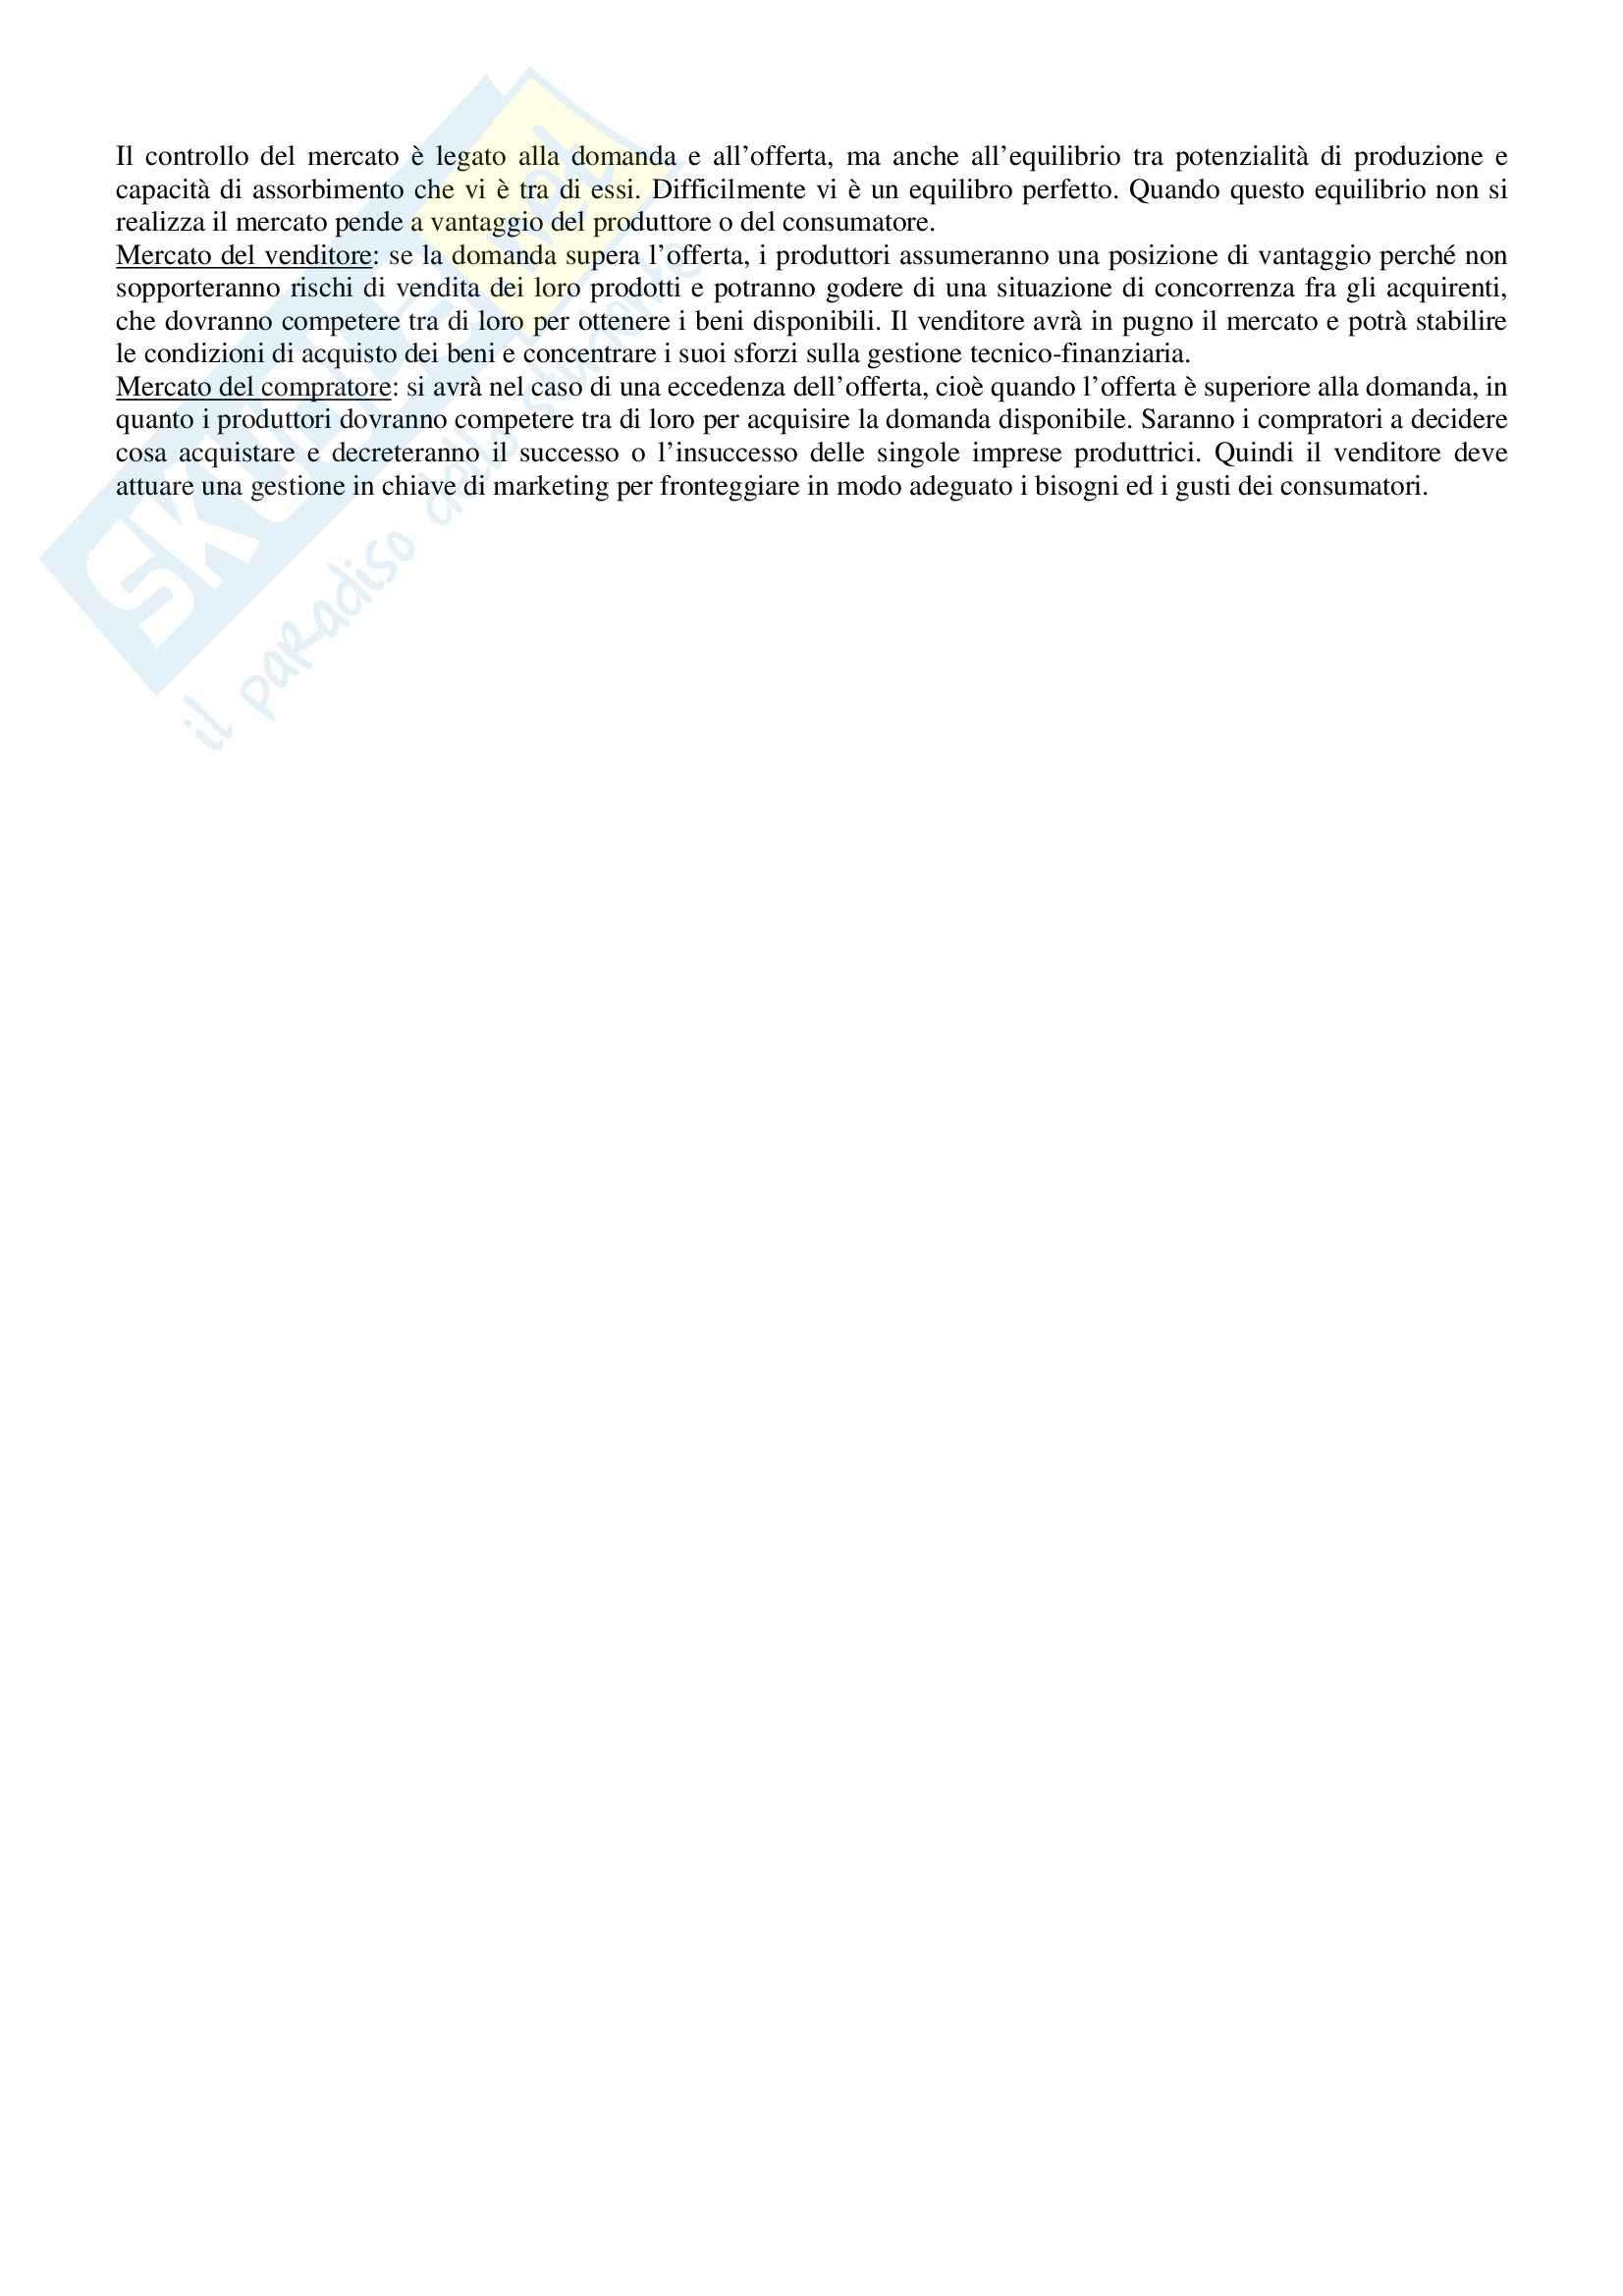 Riassunto esame Economia e Gestione delle Imprese, prof. Sorrentino, libro consigliato Elementi di Economia e Gestione delle Imprese, Sciarelli Pag. 16